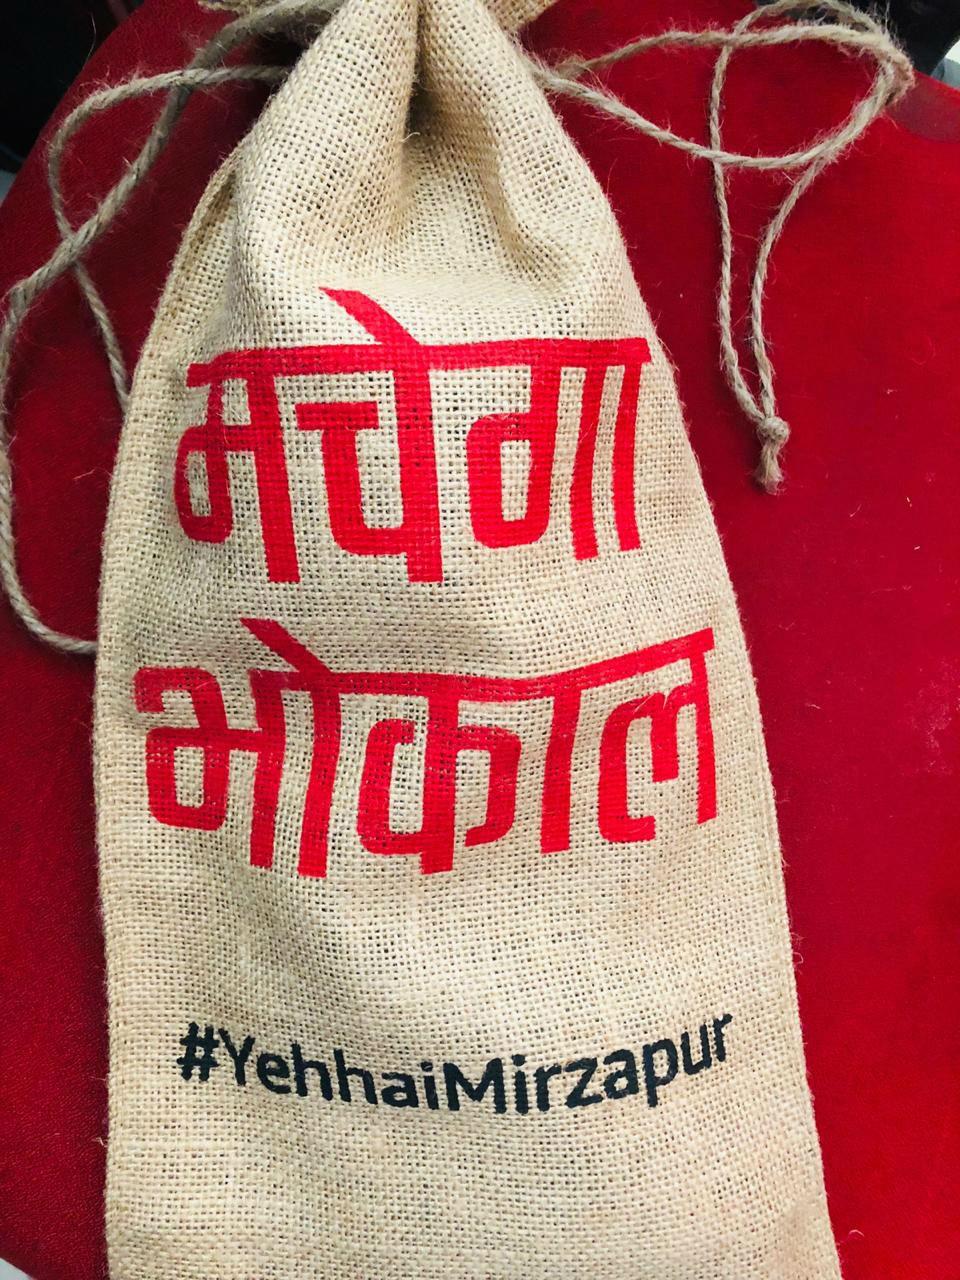 Mirzapur,Mirzapur trailer,Mirzapur movie trailer,Kaleen Bhaiya,Pankaj Tripathi